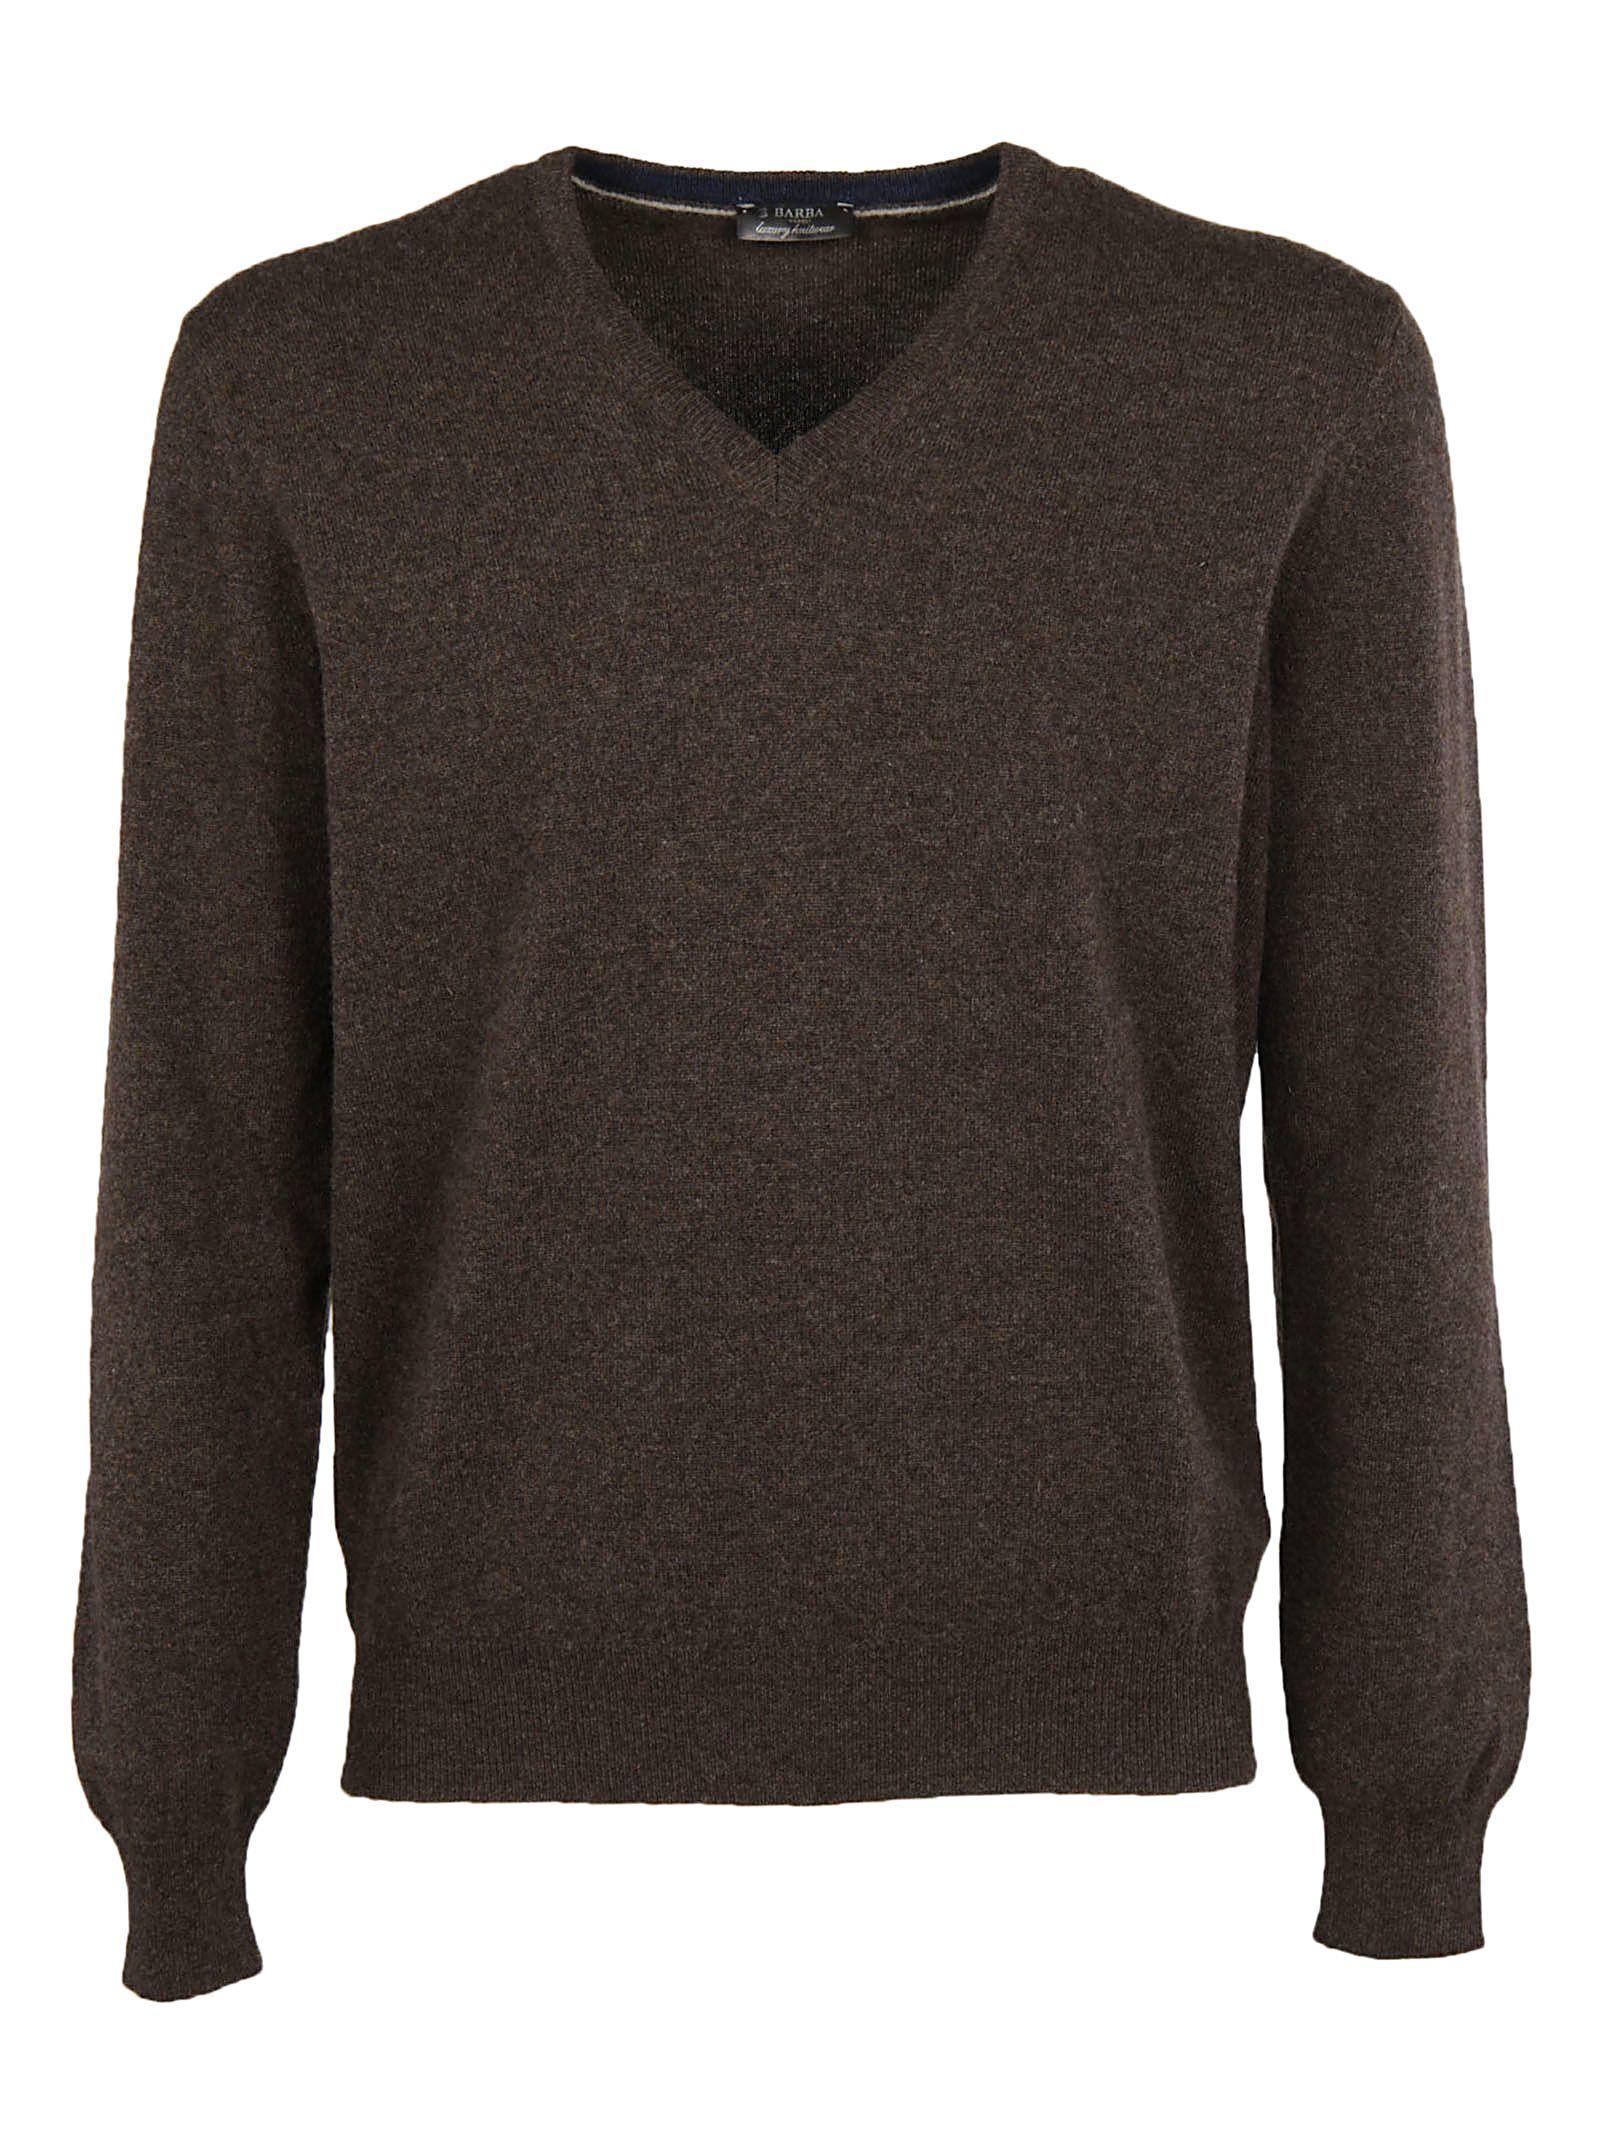 Barba Classic Sweater In Brown